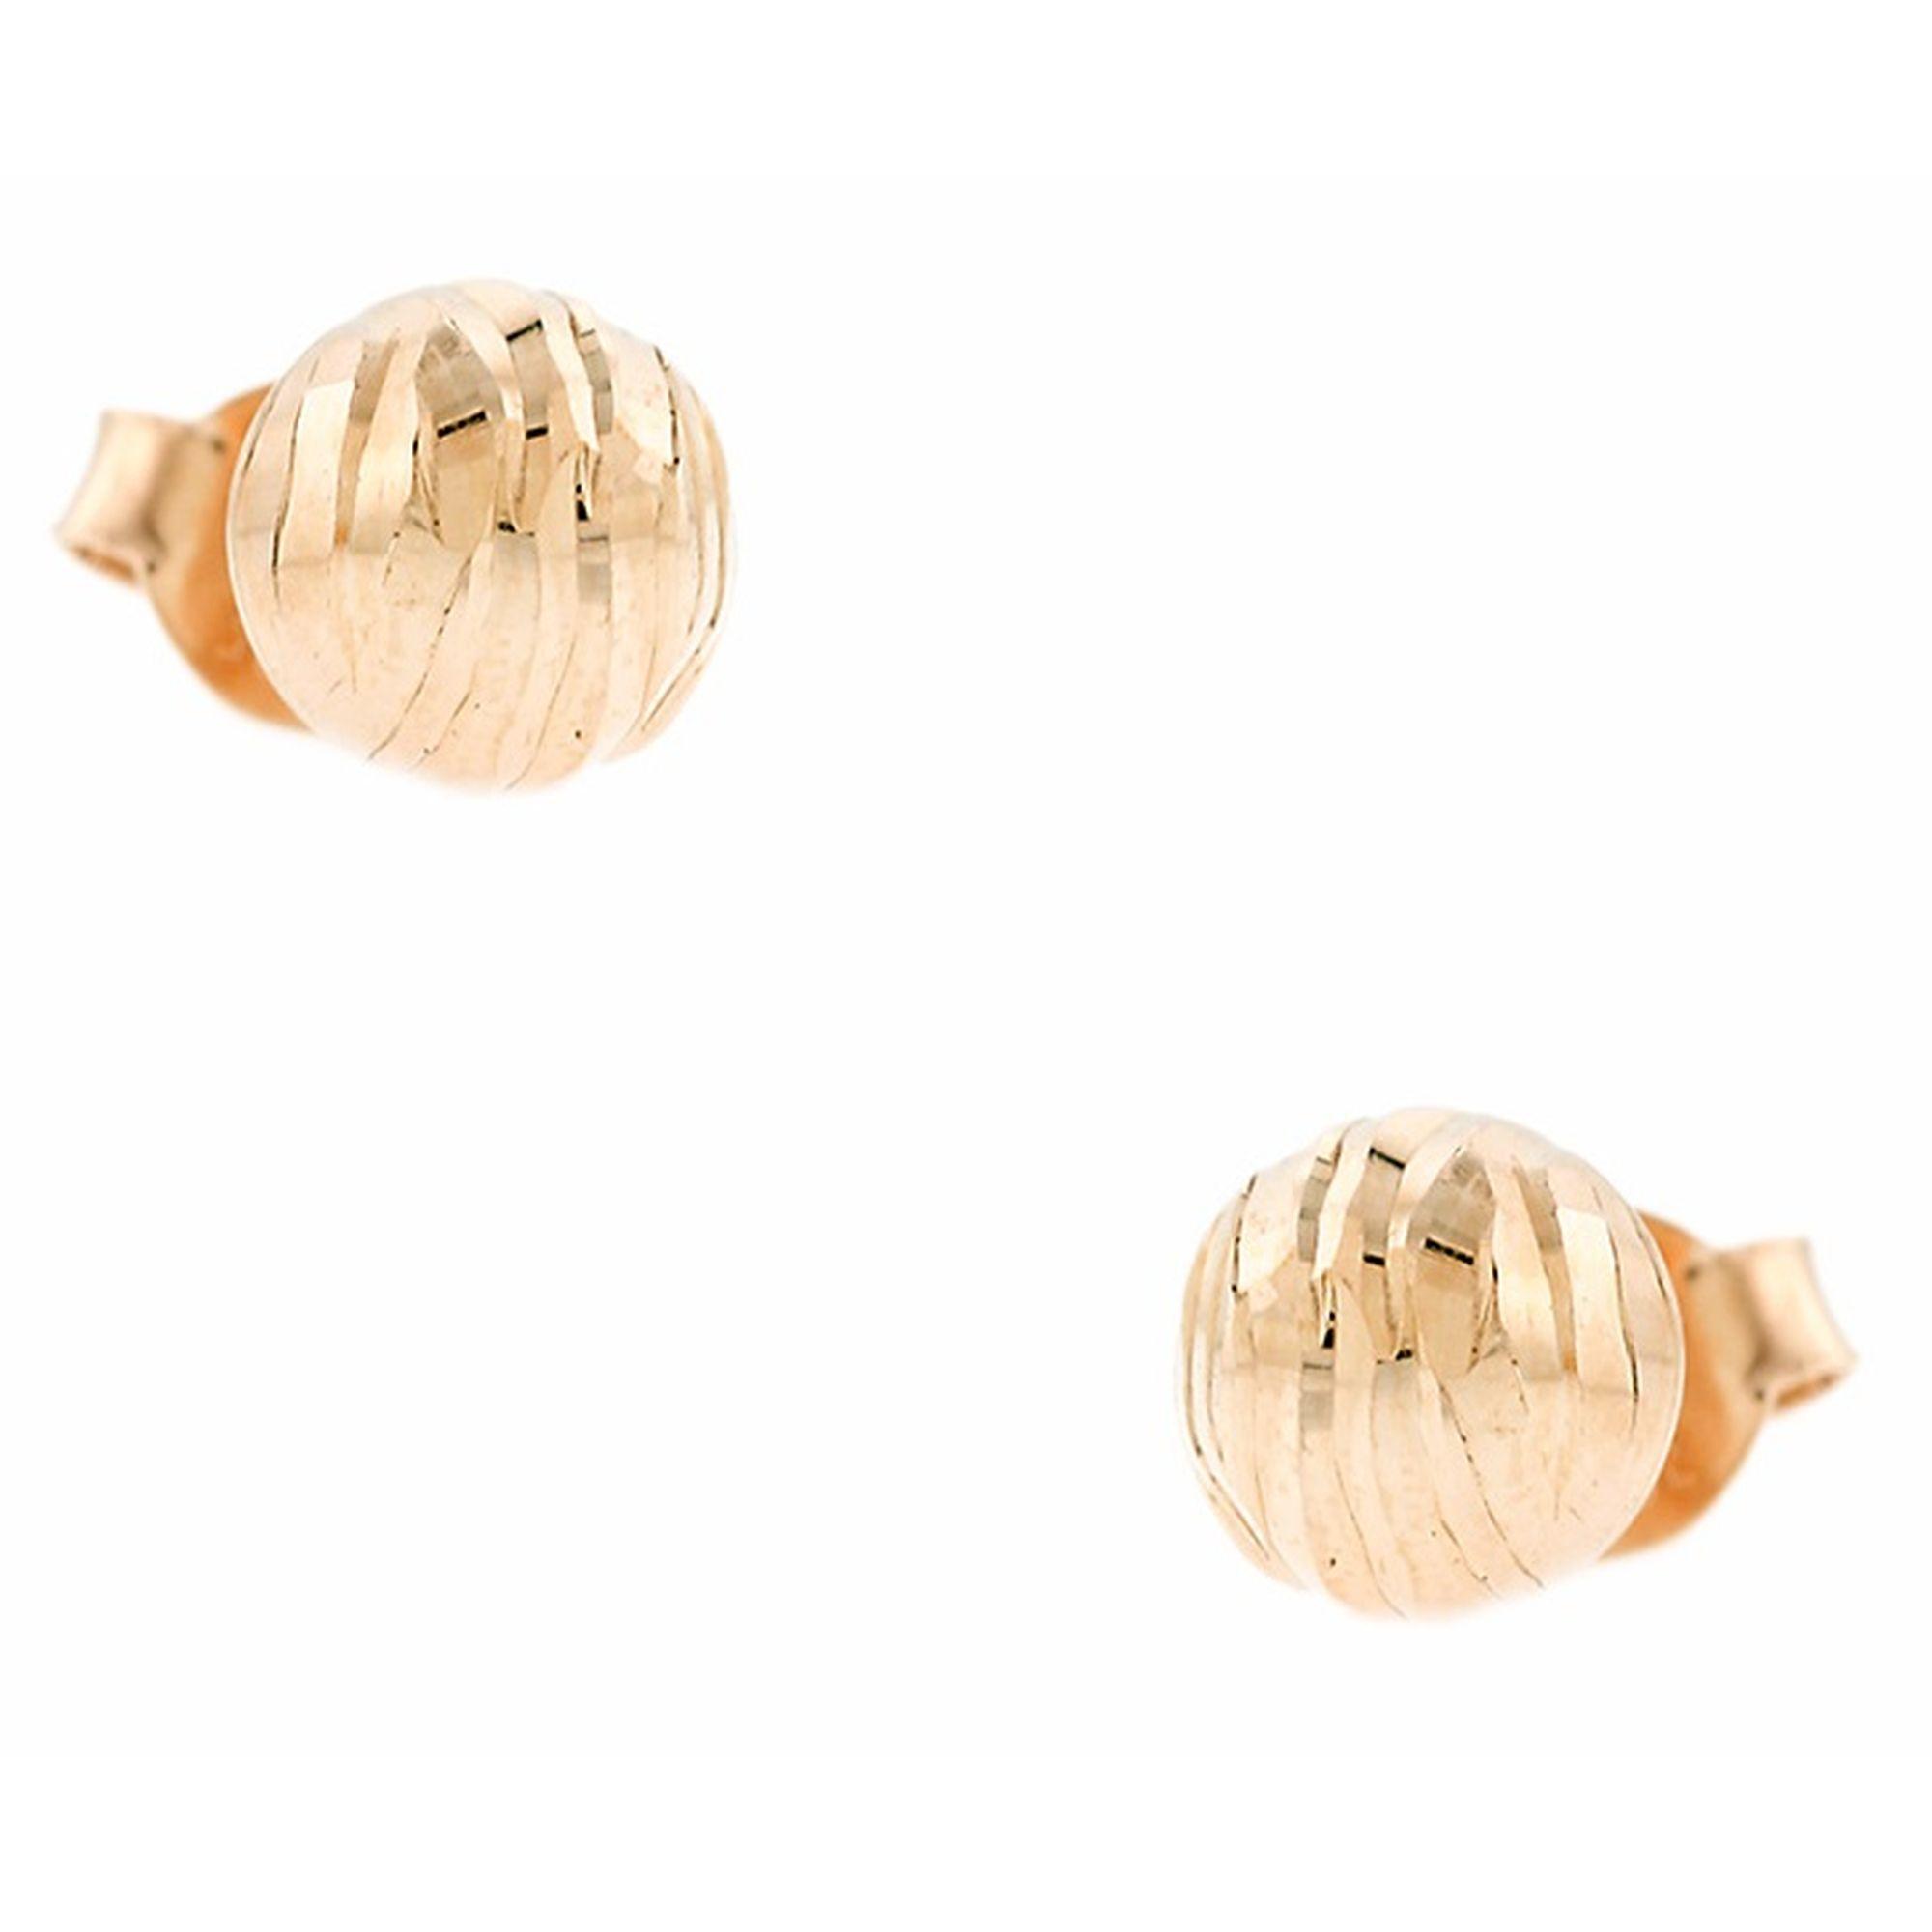 Κόσμημα, Σκουλαρίκια για γυναίκες, Κοσμήμα για γυναίκα, Χρυσαά σκουλαρίκια,14 καράτια